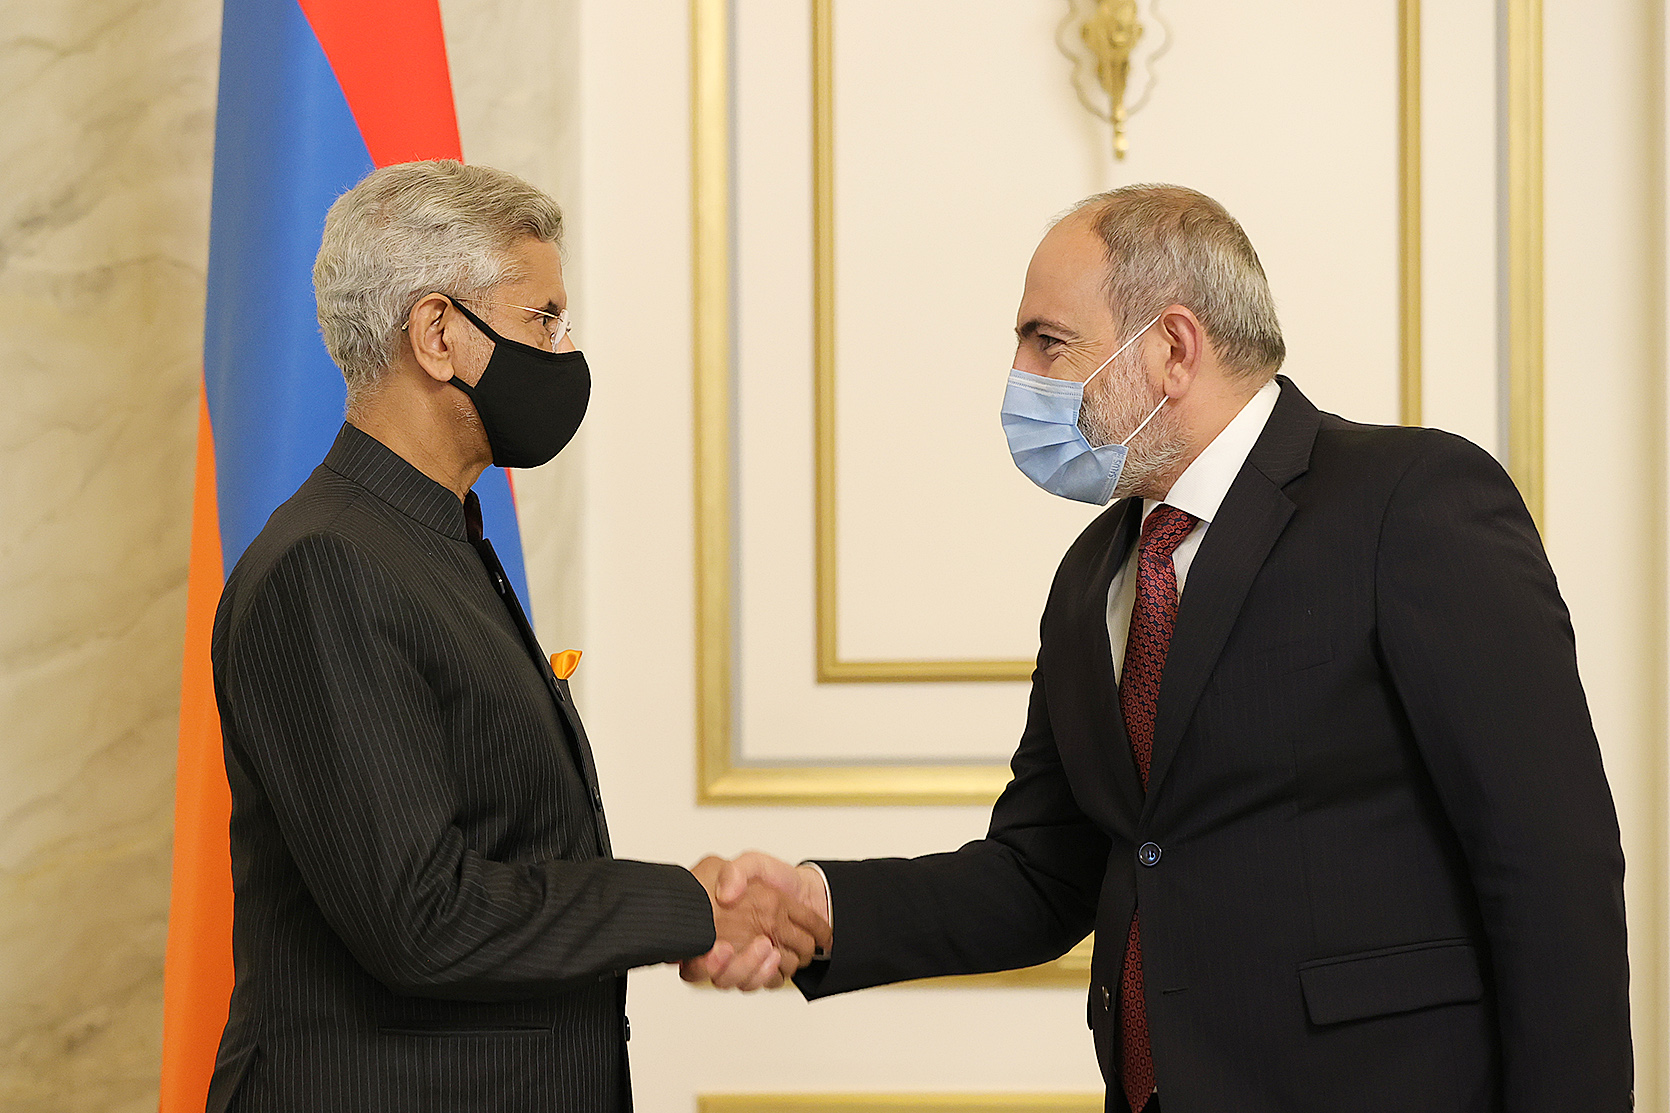 Мы всегда придавали важное значение отношениям и у нас всегда были теплые отношения с Индией   премьер-министр Никол Пашинян